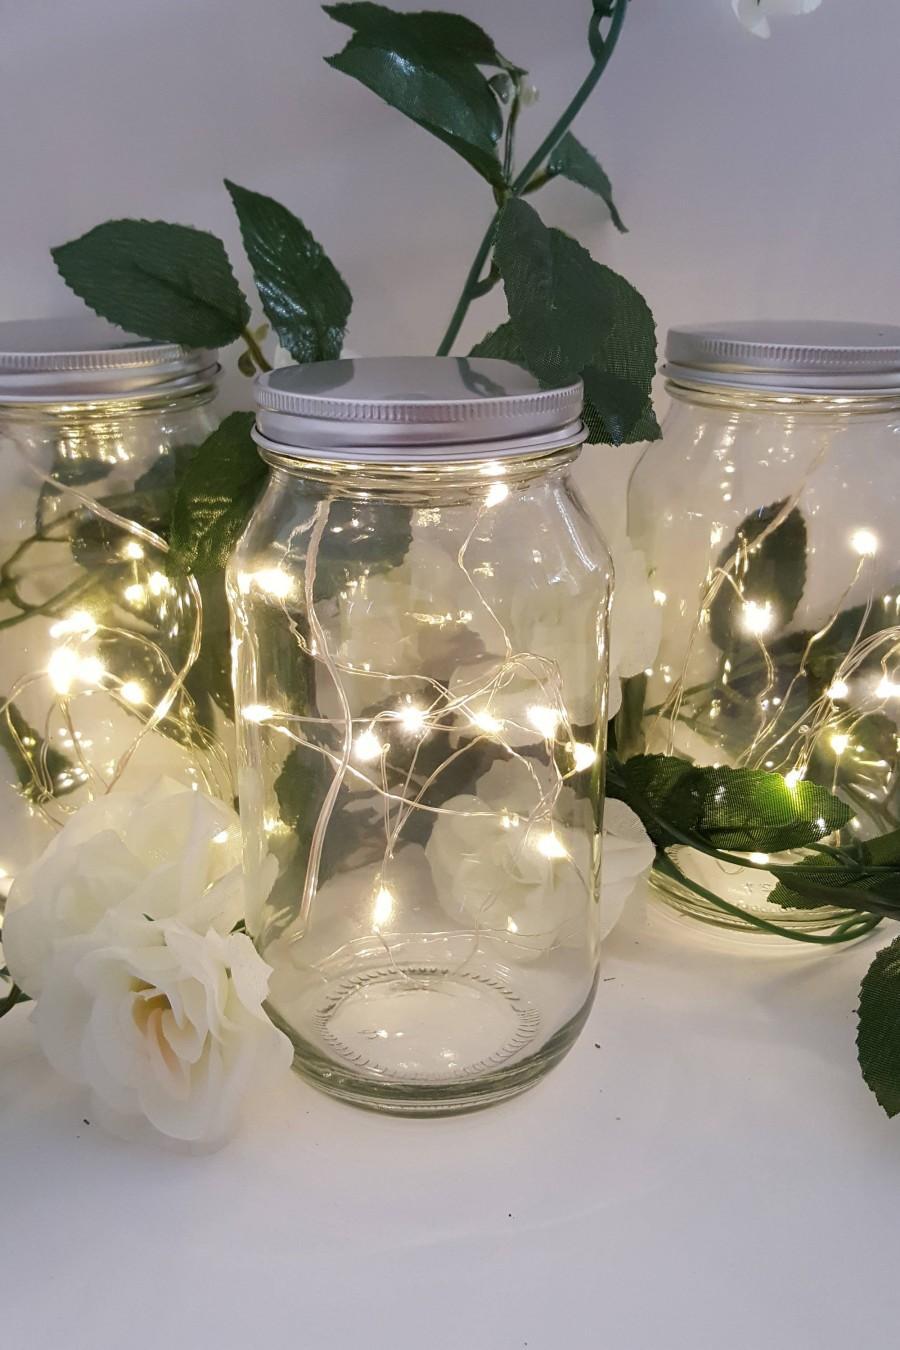 Hochzeit - 5 Sets! WARM WHITE Micro Led Seed Vine Vase Lights Wedding Centerpiece Fairy Lights